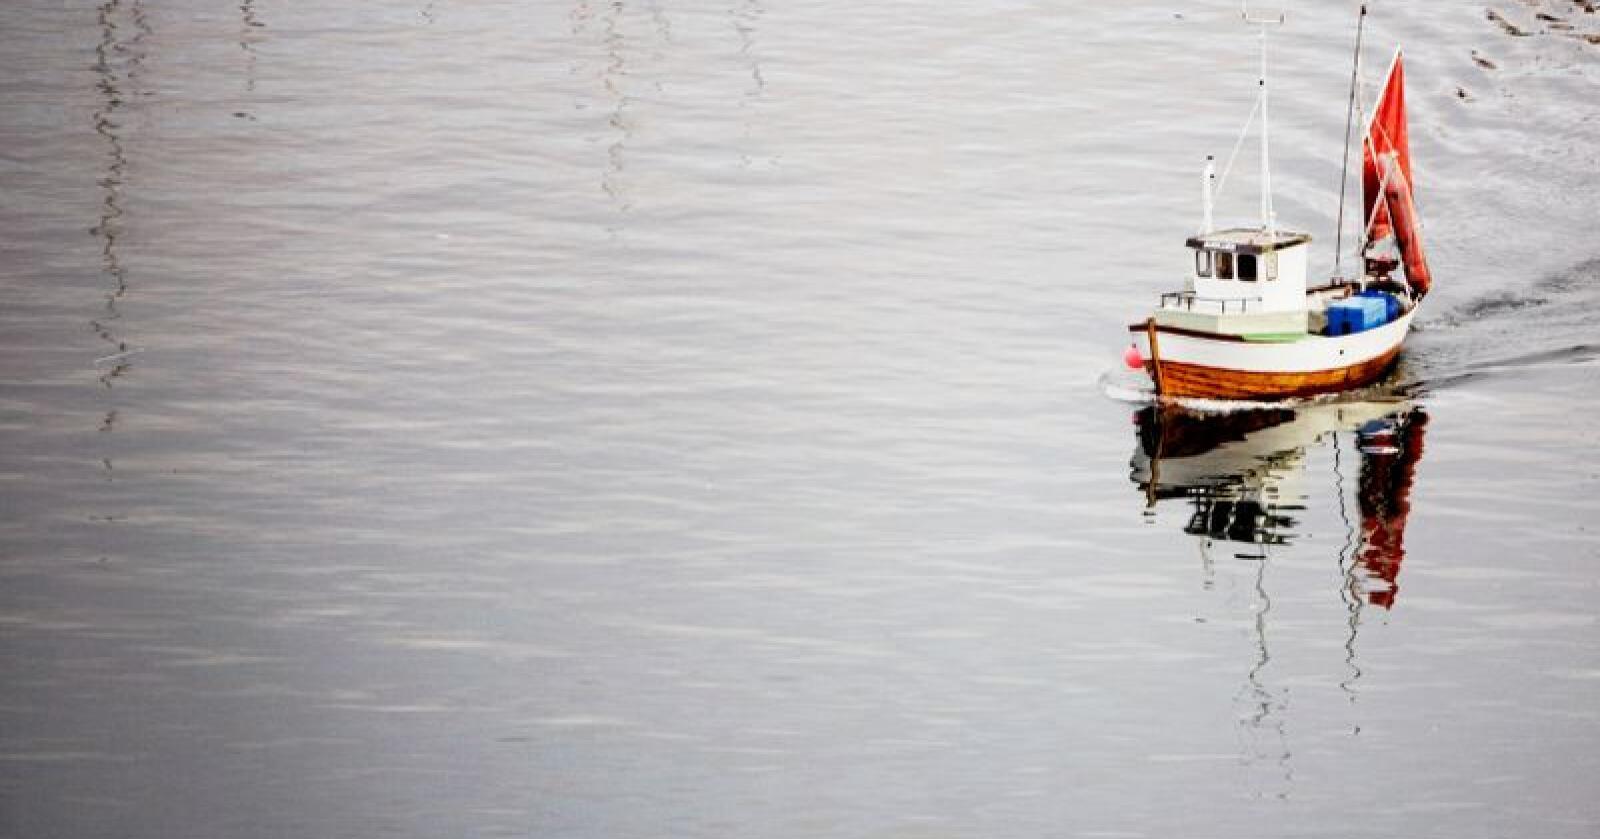 Forferdet: Senterpartiet er forferdet over forslaget til strukturering i fiskeflåten under 11 meter. Foto: Kyrre Lien/NTB scanpix